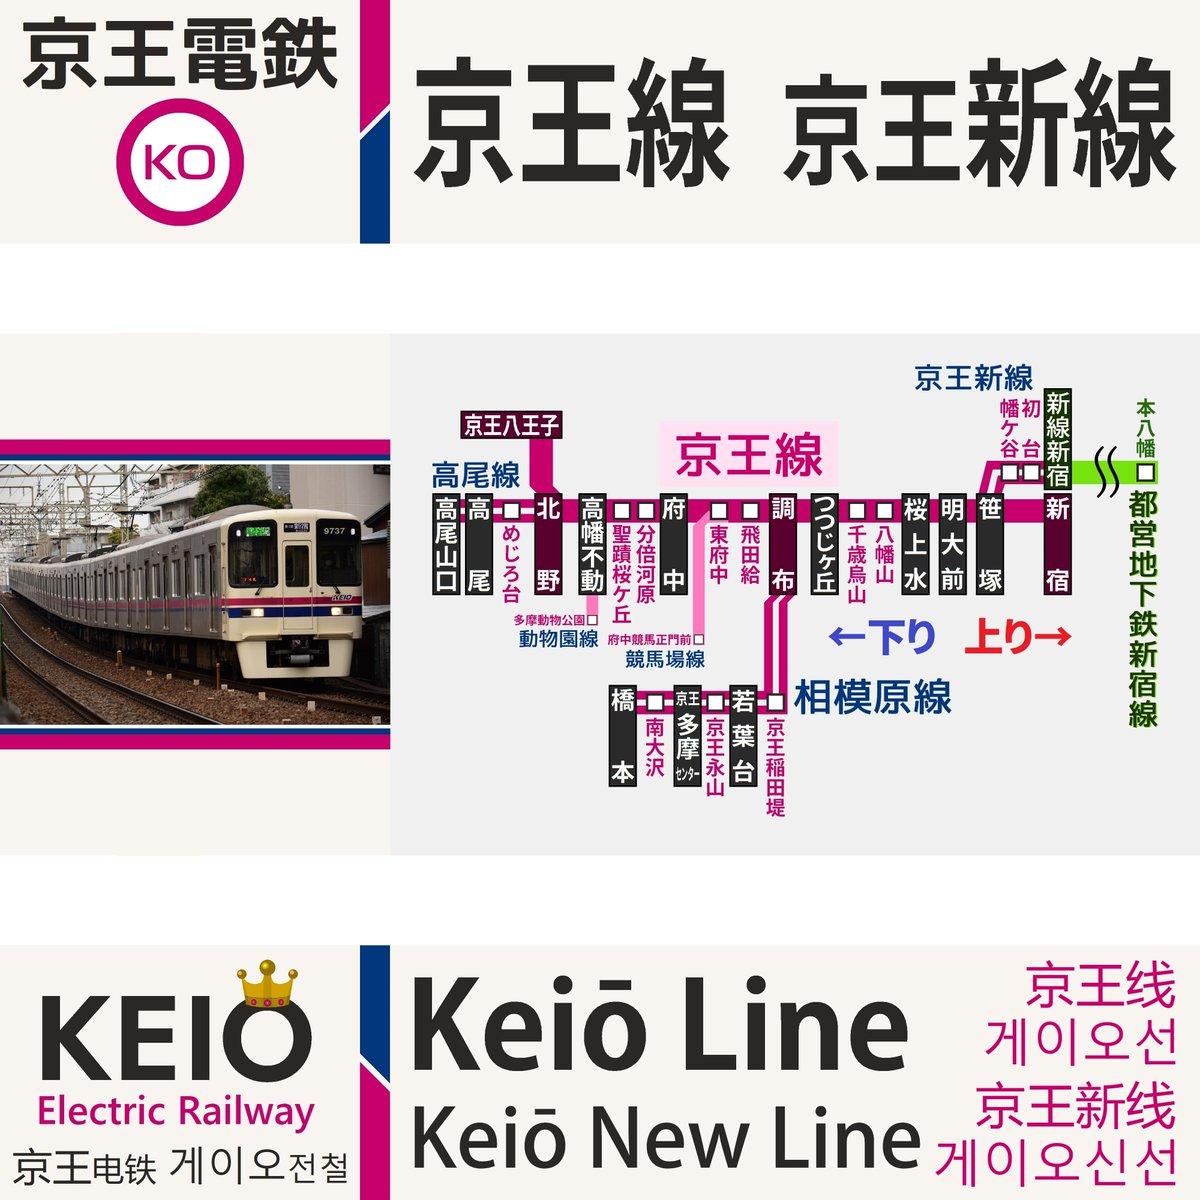 復旧 京王 いつ 線